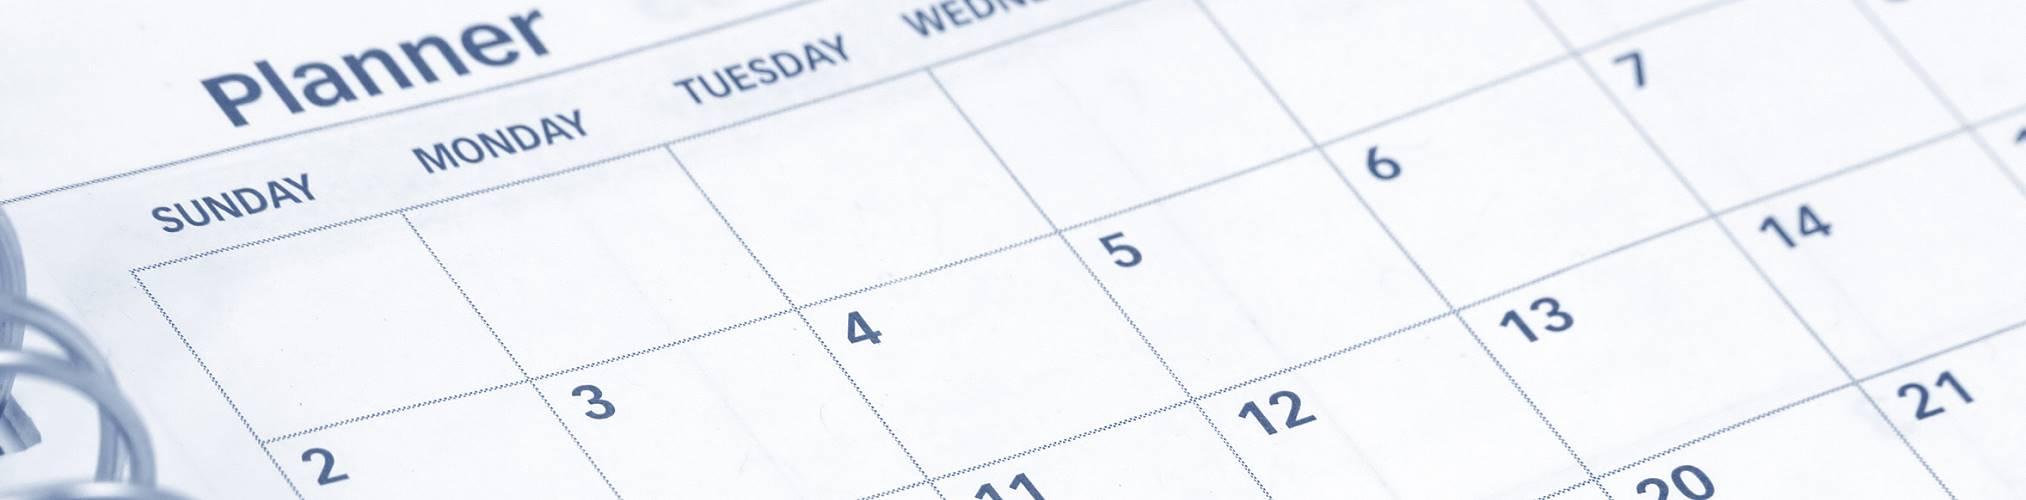 webplanner Belegungspläne